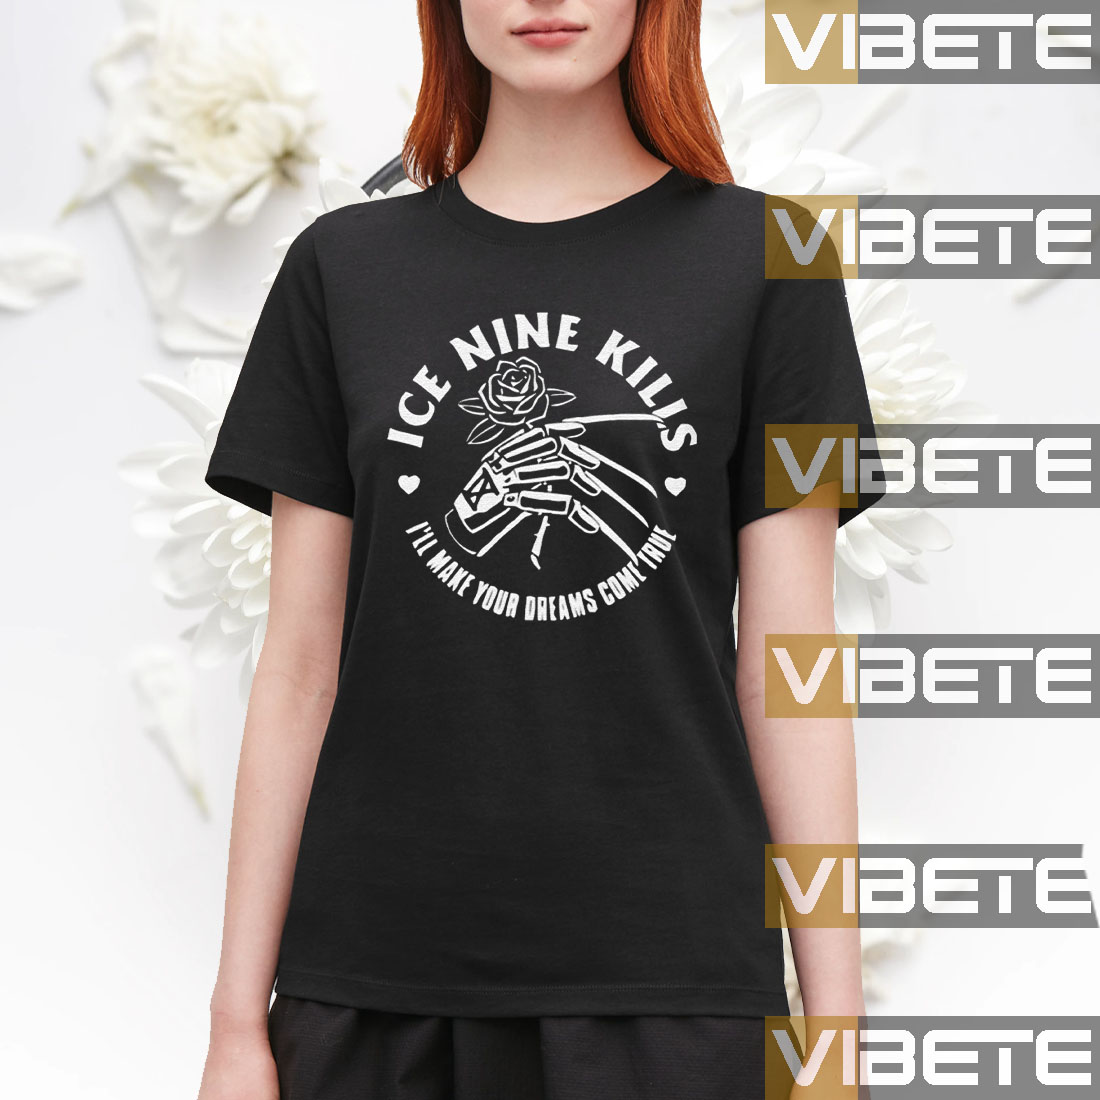 Love From The Glove Dye Shirt - Ice Nine Kills Shirts